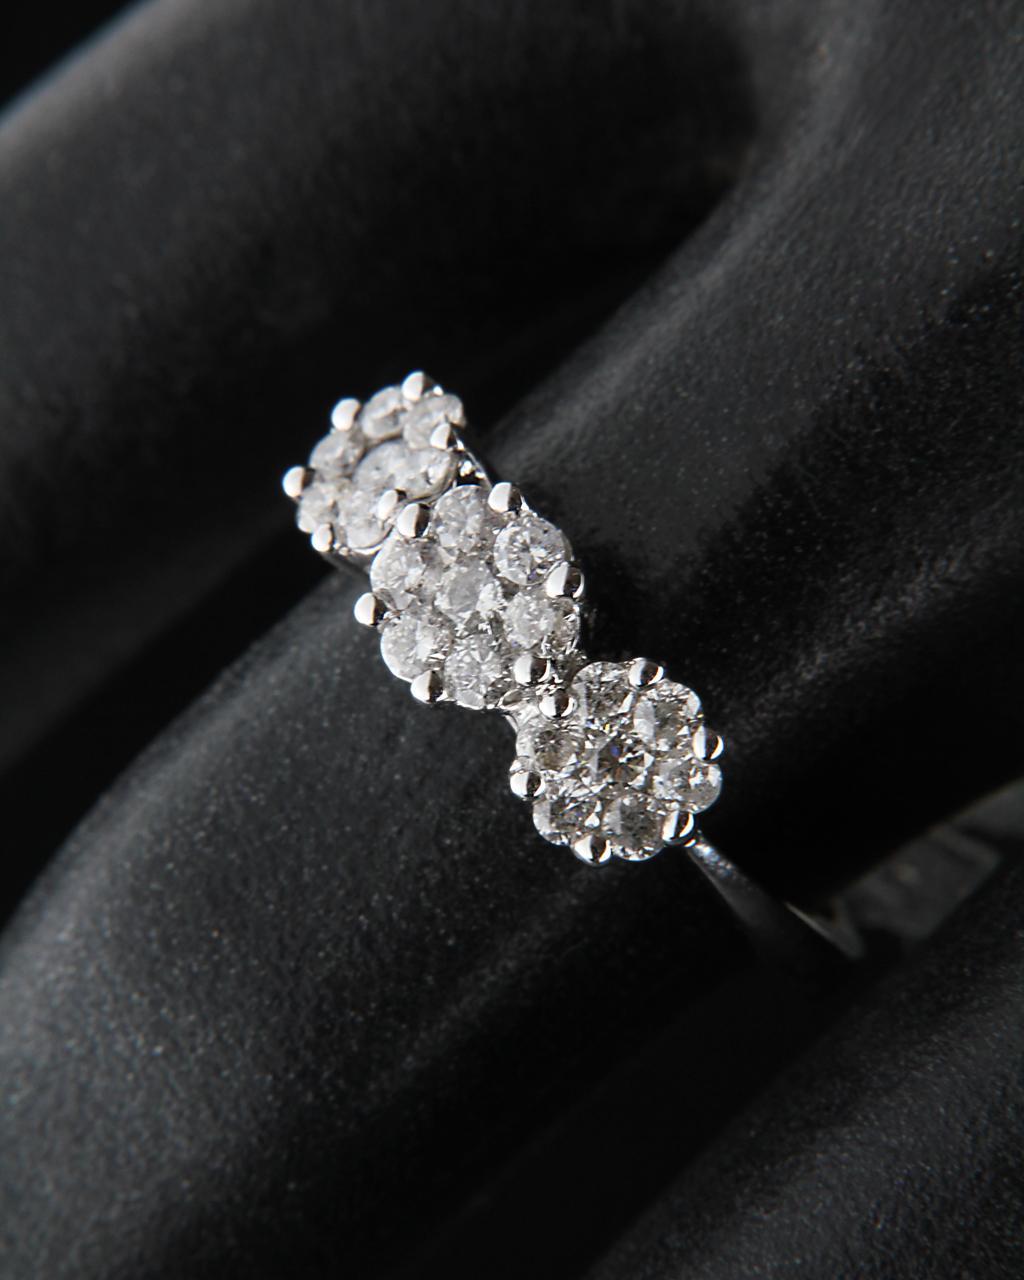 Δαχτυλίδι από λευκόχρυσο Κ18 με Διαμάντια   γυναικα δαχτυλίδια μονόπετρα με διαμάντια